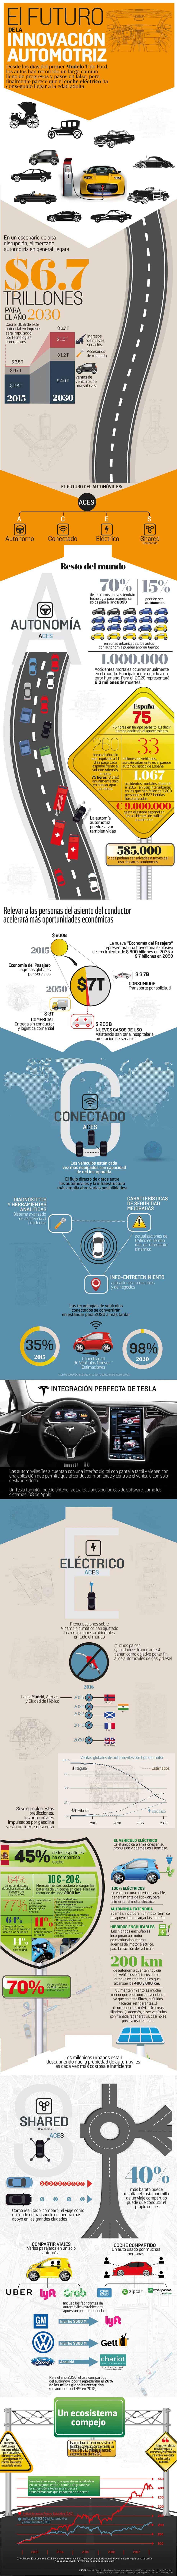 Infografía Innovación Automotriz